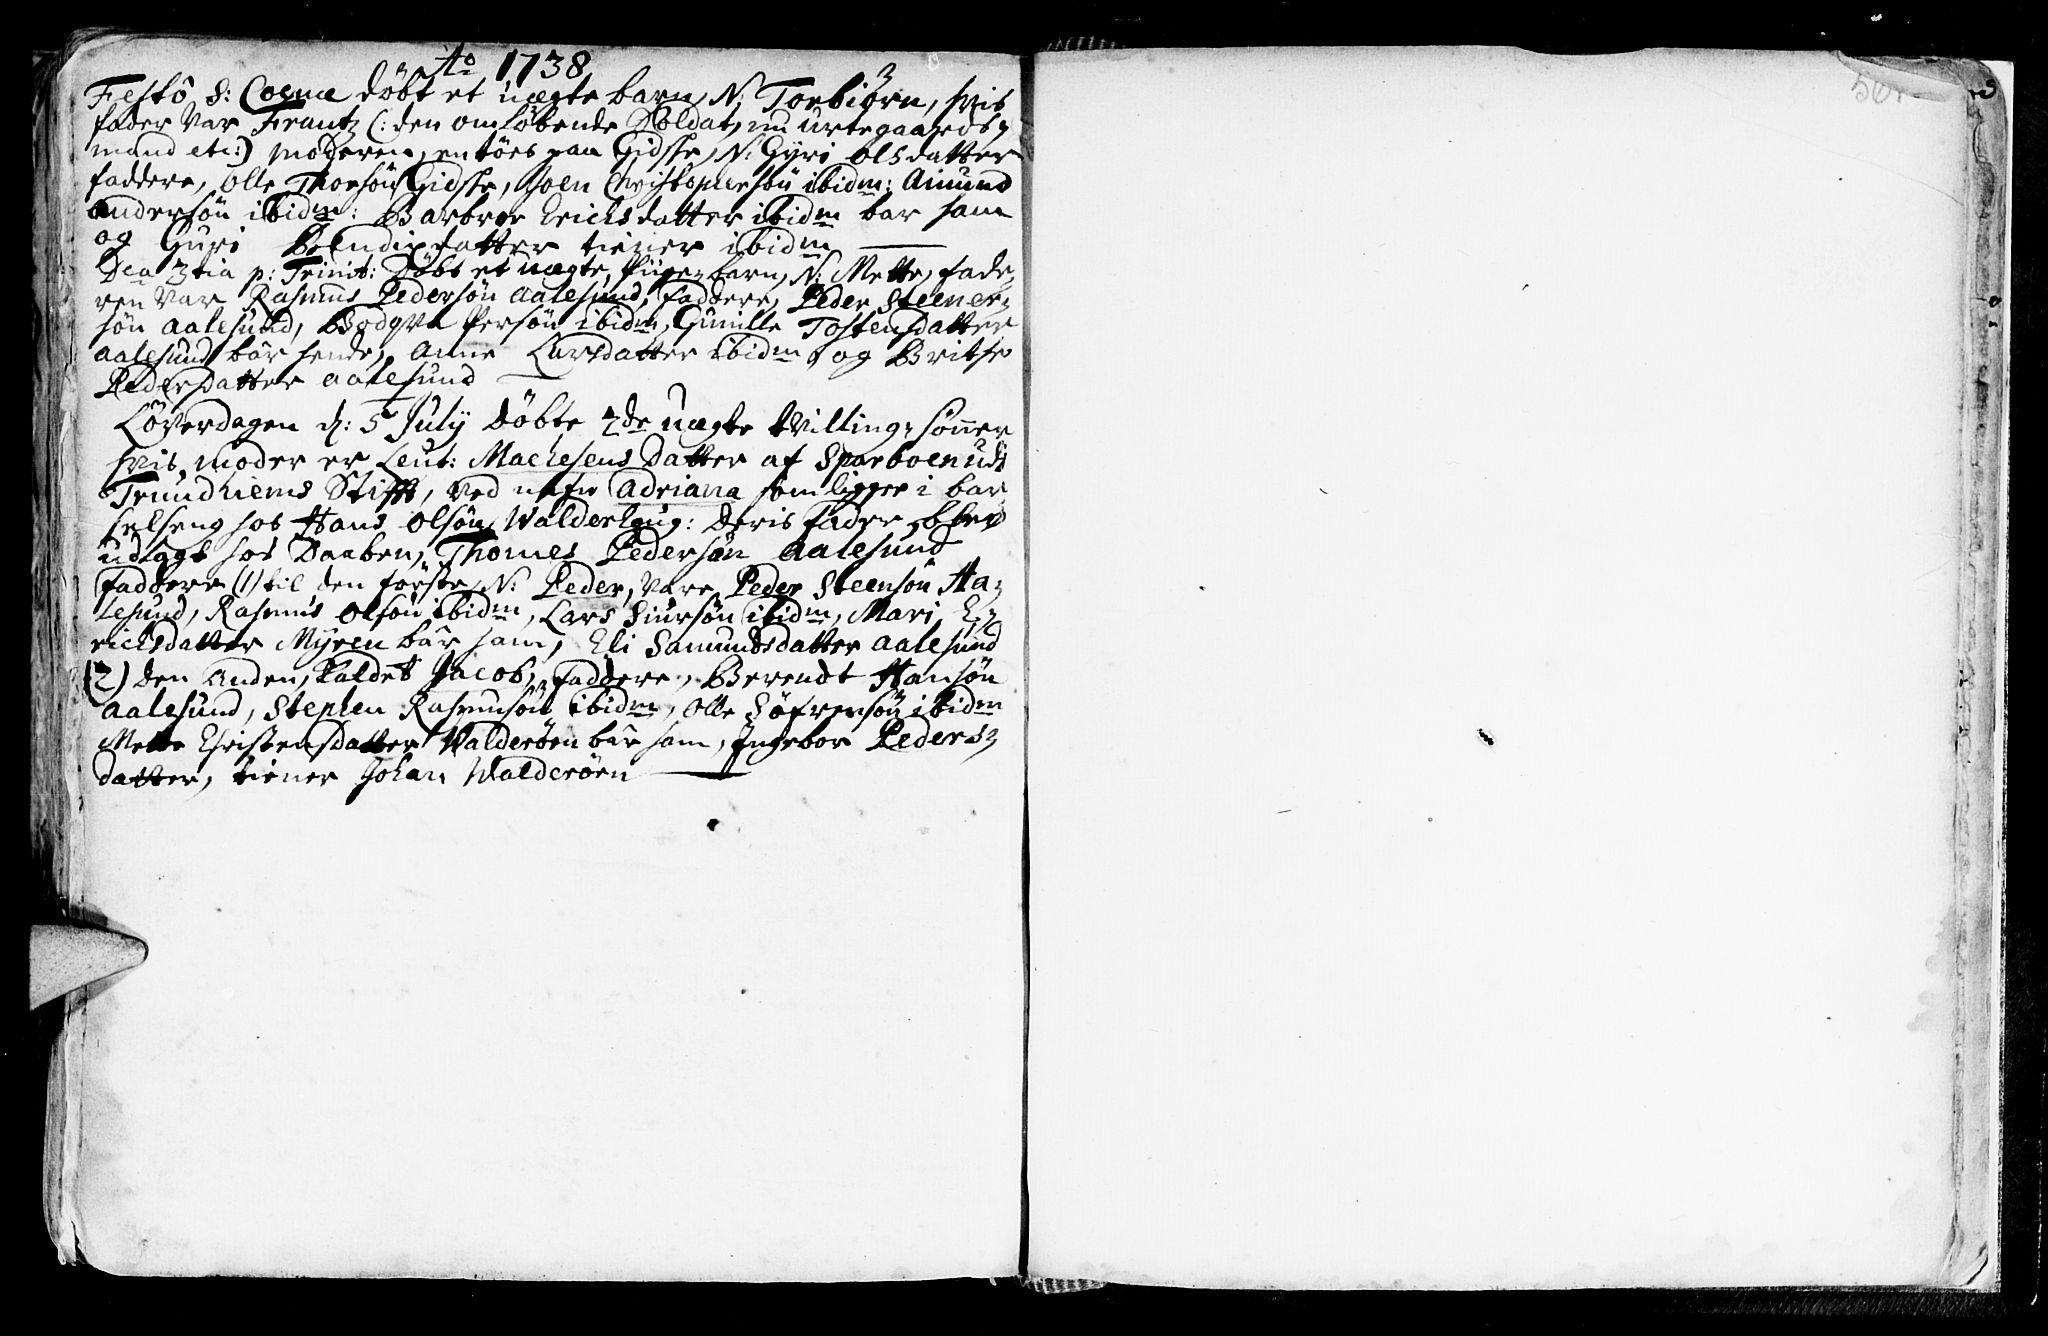 SAT, Ministerialprotokoller, klokkerbøker og fødselsregistre - Møre og Romsdal, 528/L0390: Ministerialbok nr. 528A01, 1698-1739, s. 560-561